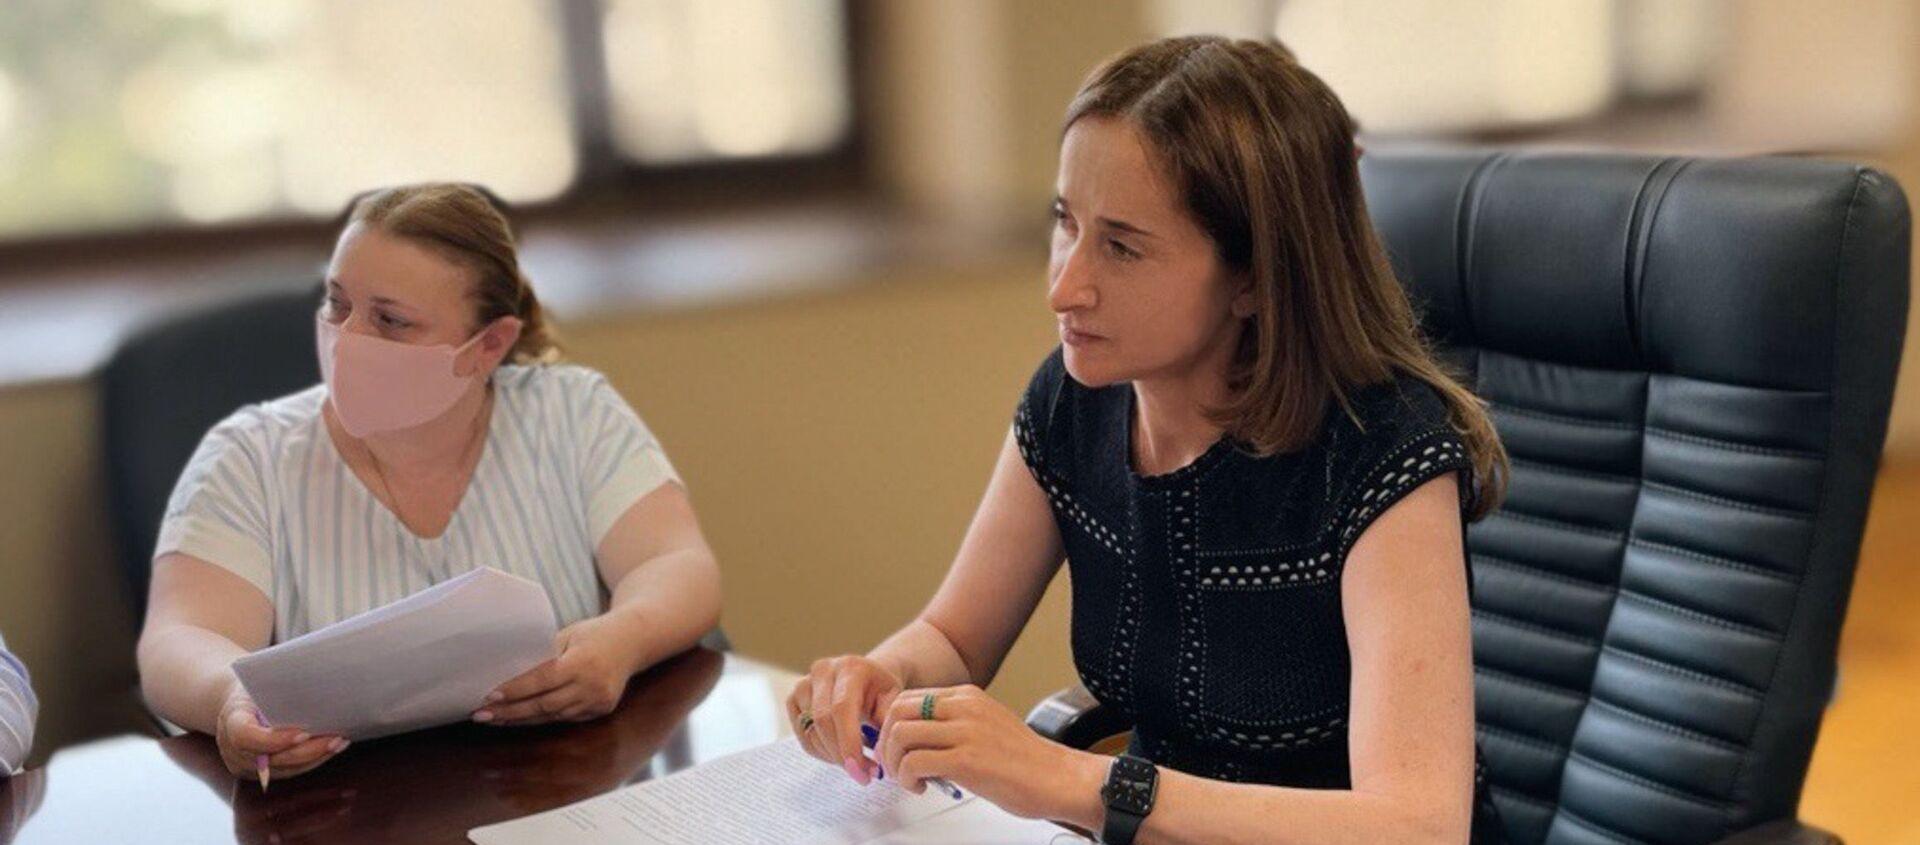 Вице-премьер, министр экономики Кристина Озган провела совещание с представителями бизнеса в сфере продажи топлива. - Sputnik Абхазия, 1920, 03.08.2021